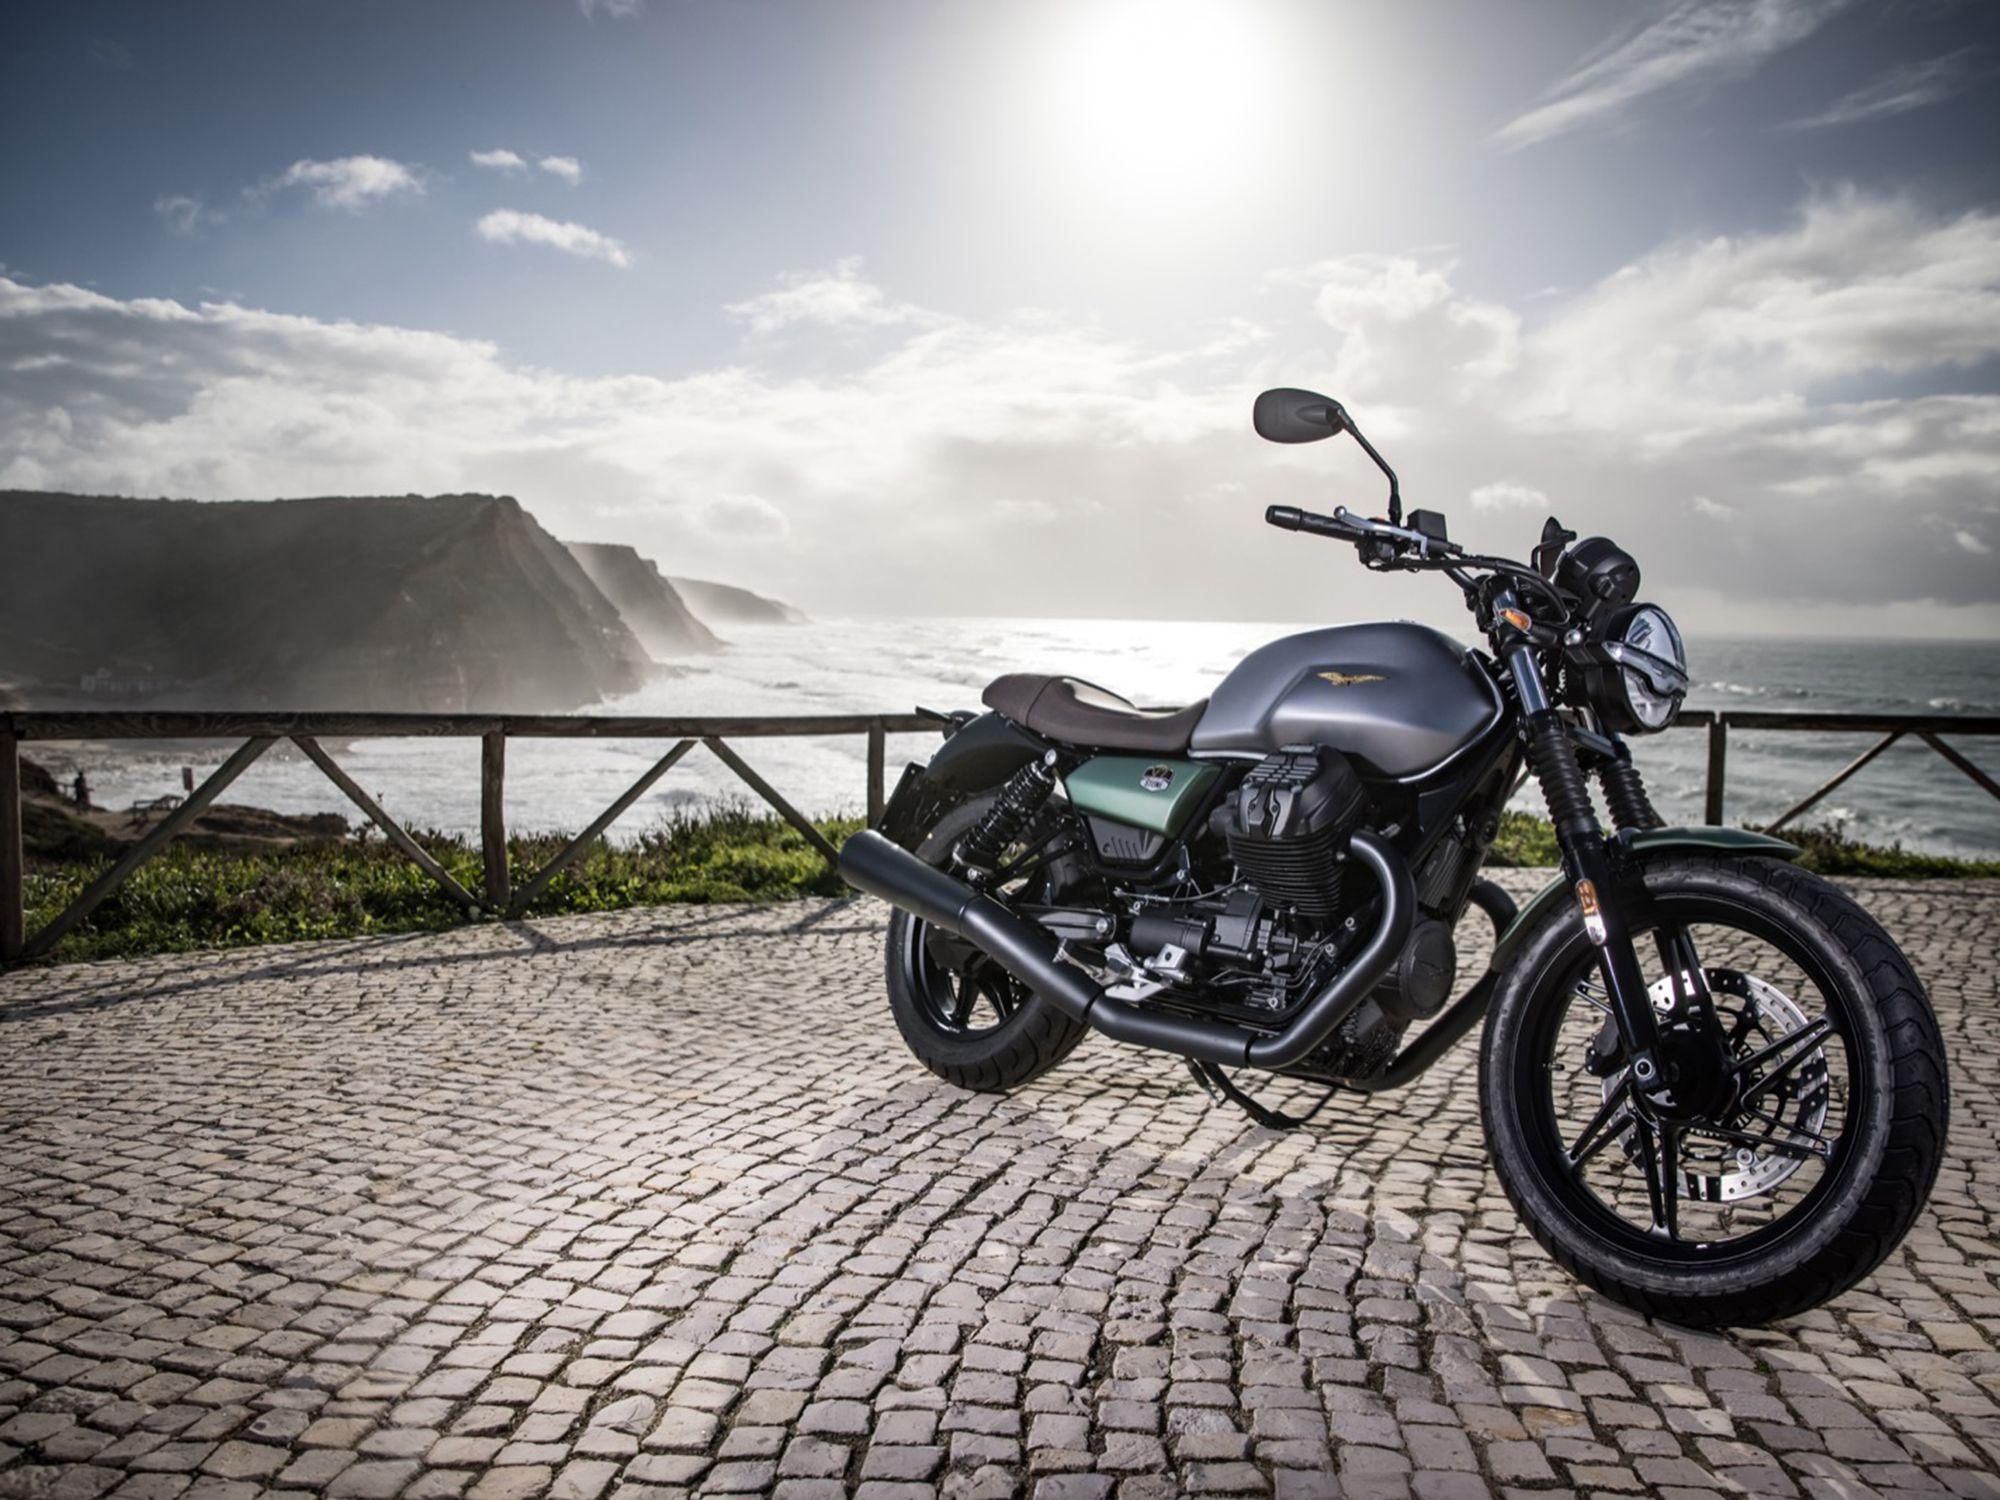 Серебристый и зеленый относятся к Moto Guzzi, а серебристый и красный - к MV Agusta. Жаль, что ливрея зарезервирована только на 2021 год. Надеюсь, нам не придется ждать еще 100 лет, пока Гуцци вернет его снова.